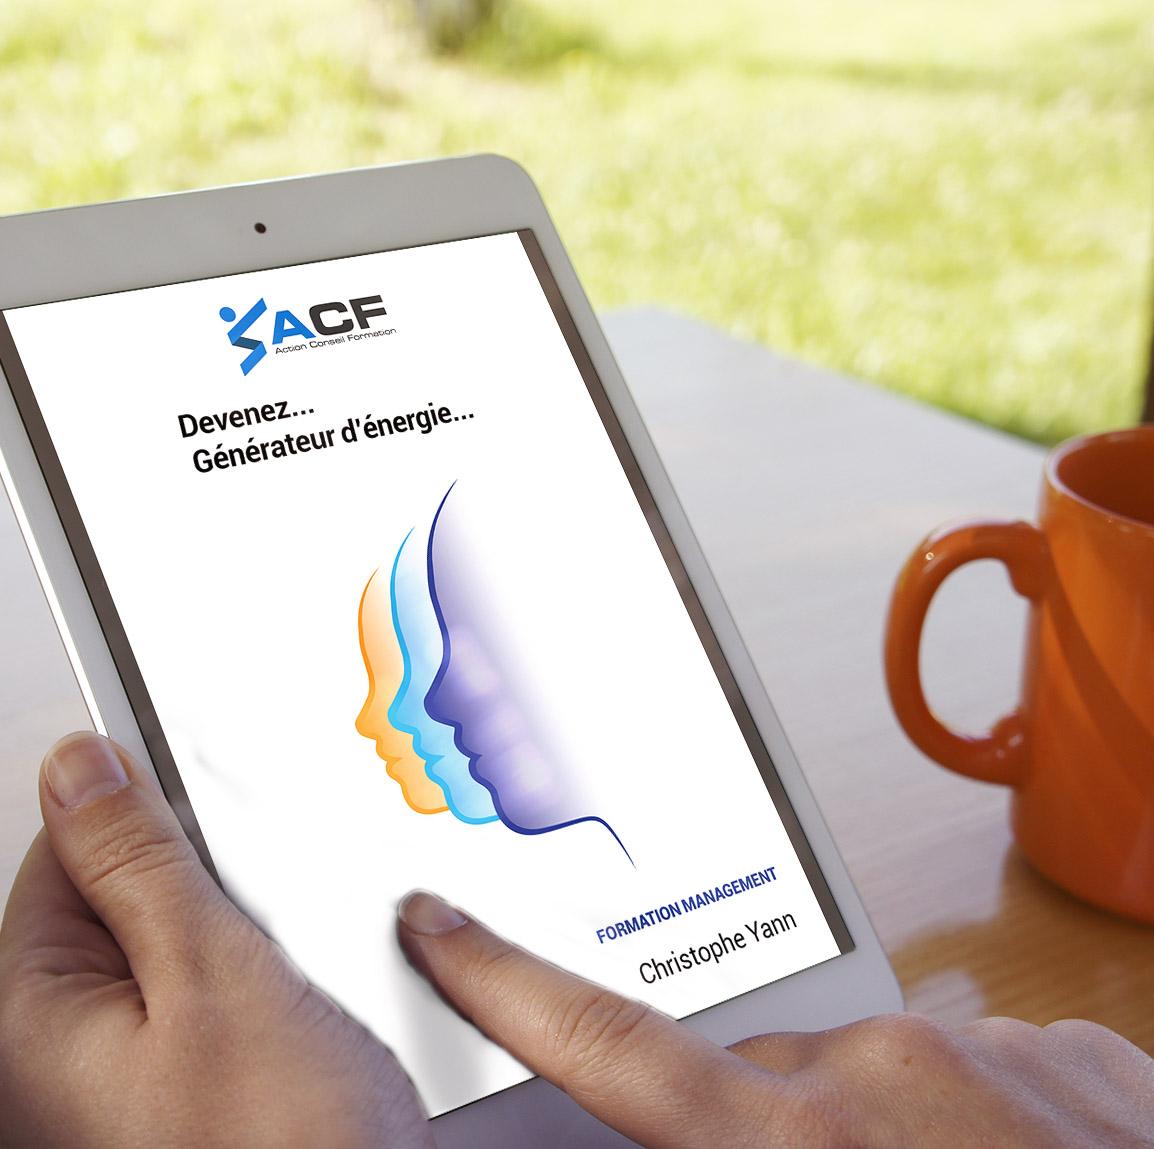 Devenez... Générateur d'énergie... Livre numérique au format PDF inclus